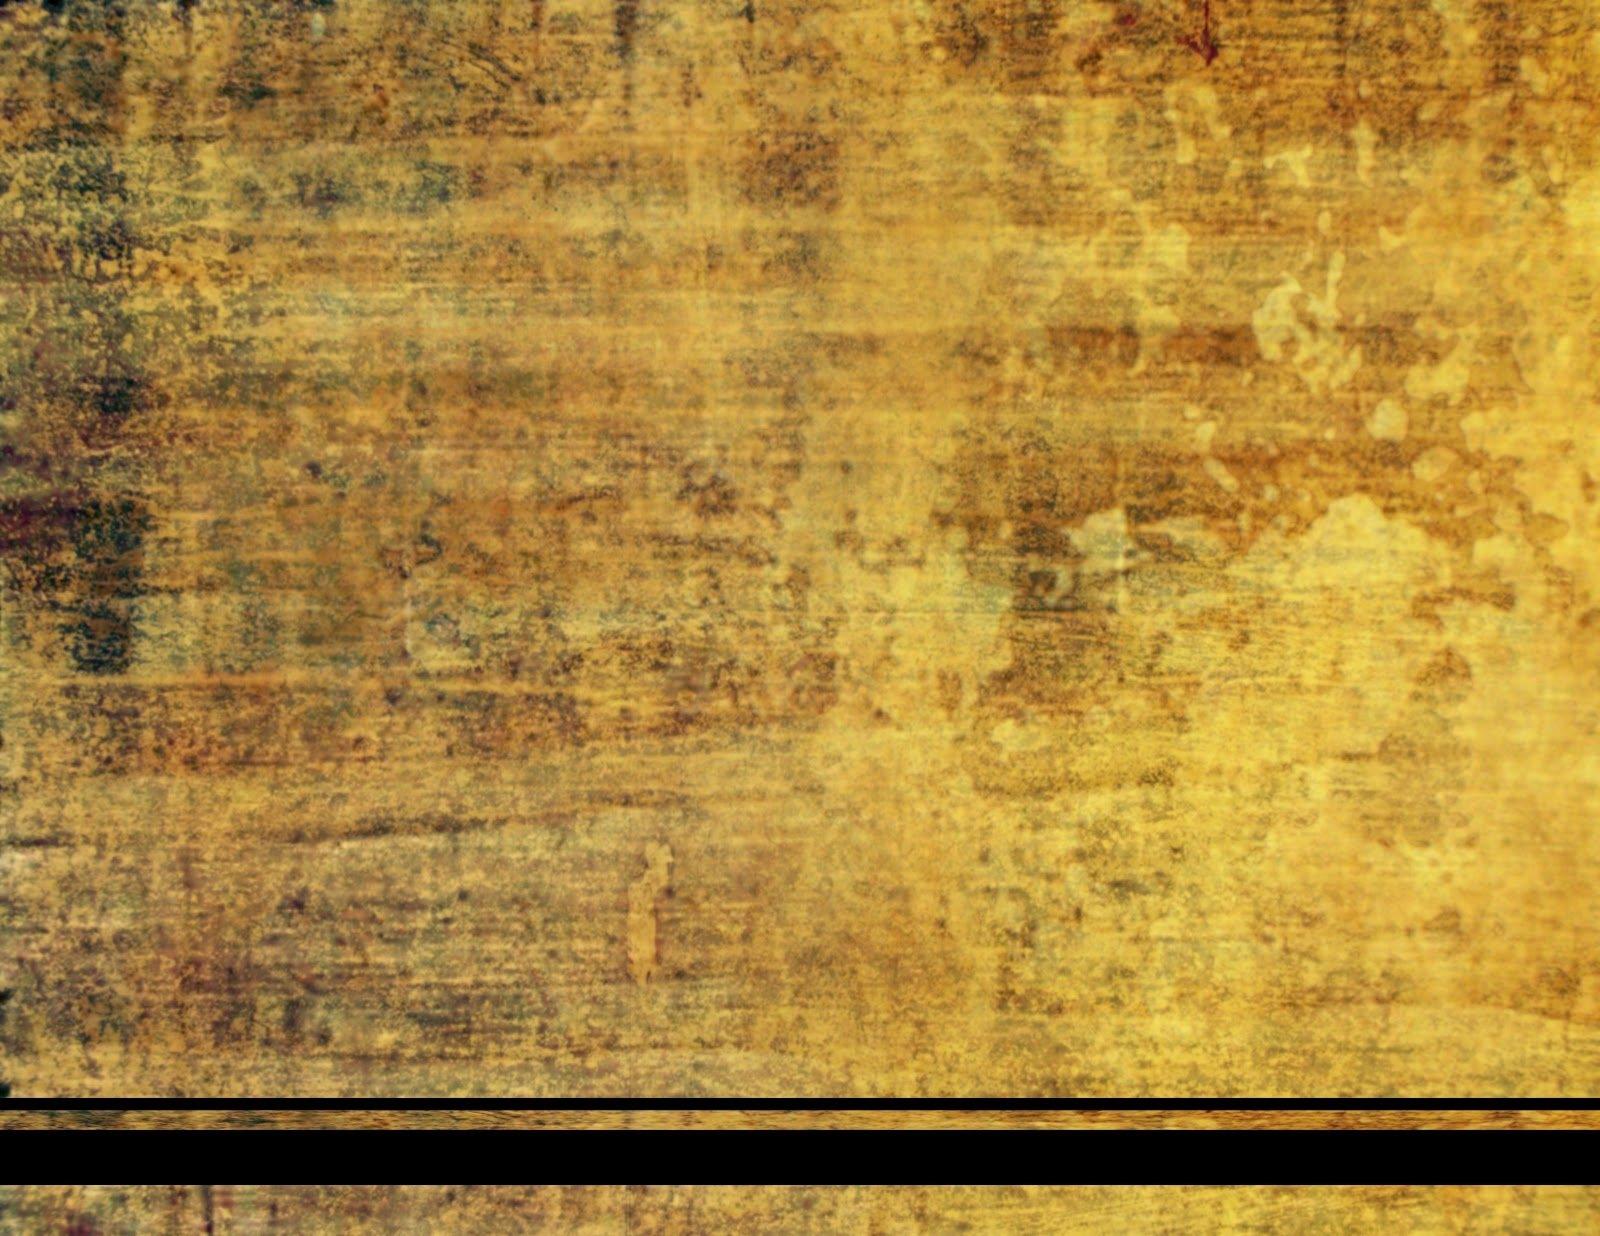 Hình nền powerpoint lịch sử màu vàng ố cực đẹp